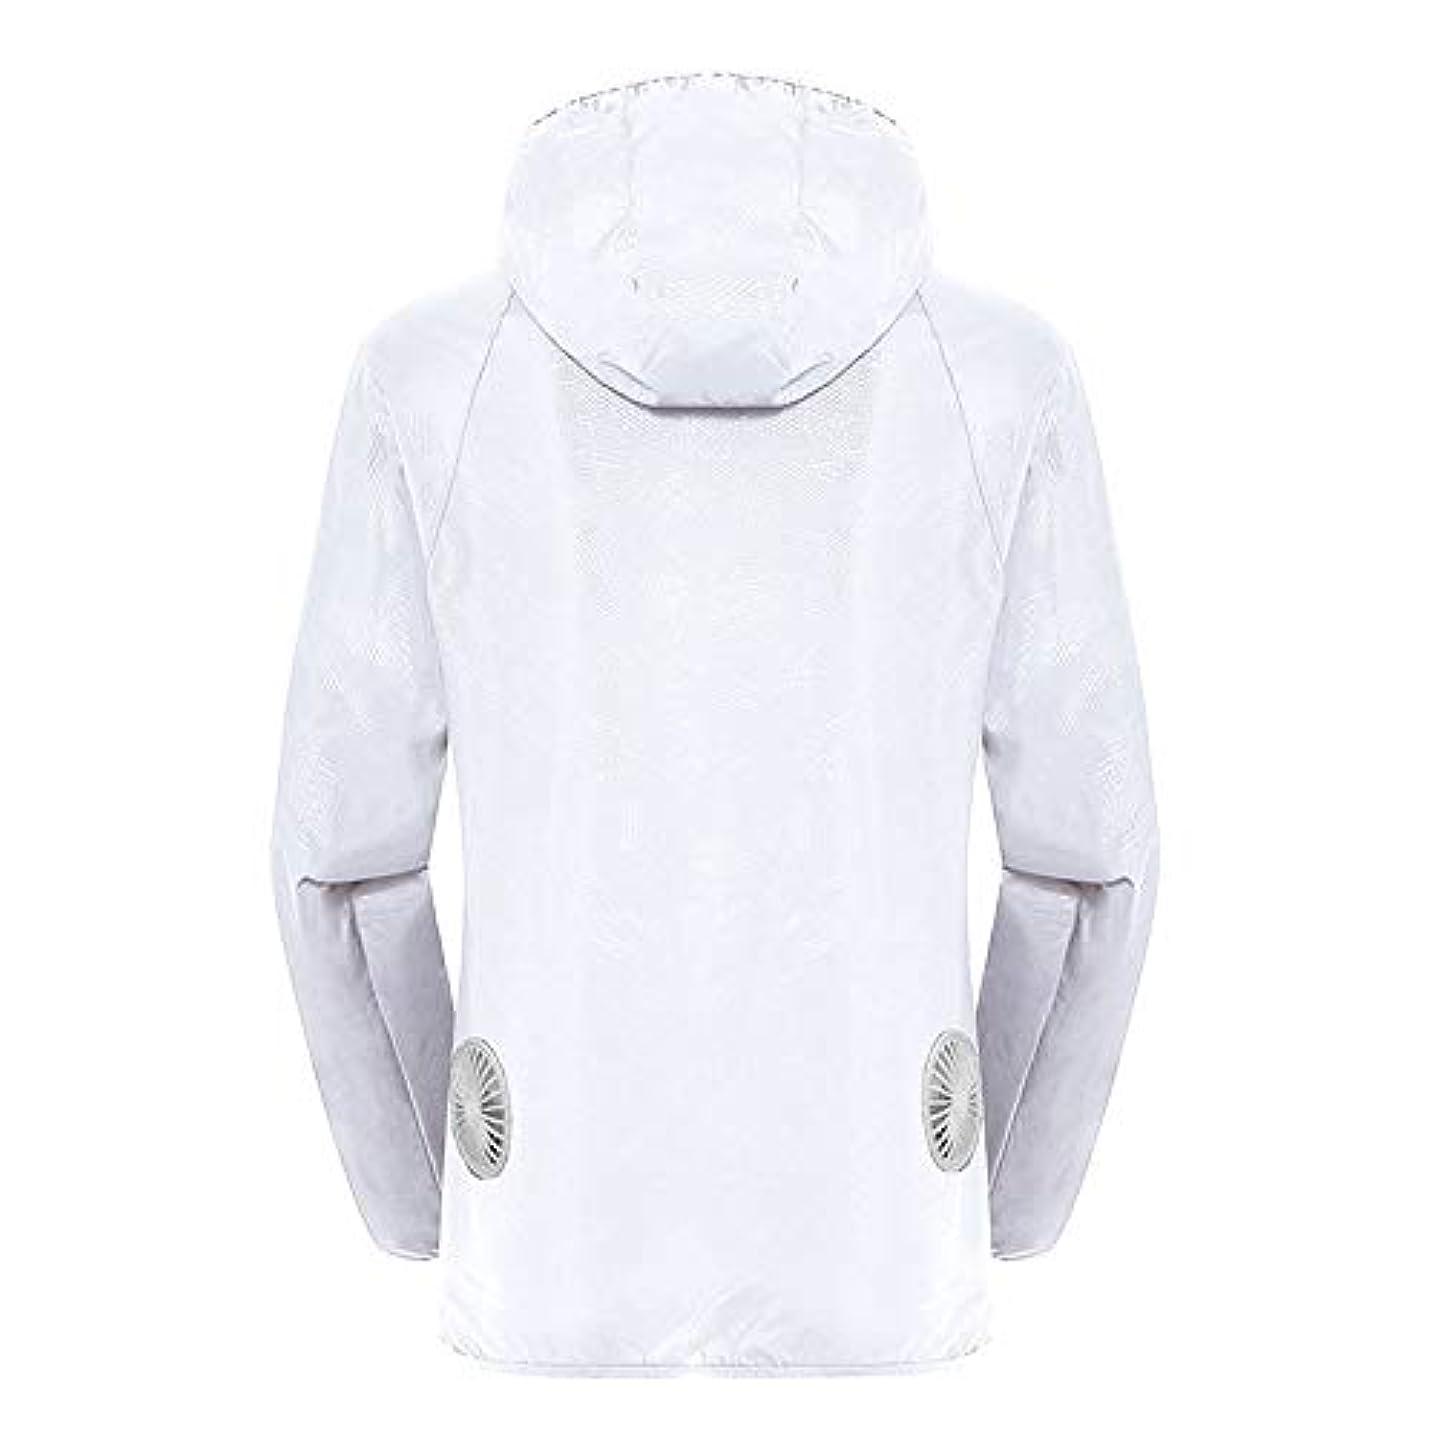 三ケーキ不振夏のスマート3速エアコンジャケット日焼け止め衣類釣りスーツ水のしぶきの衣服の飛散を防ぐ(充電宝物を含む),White,XXL